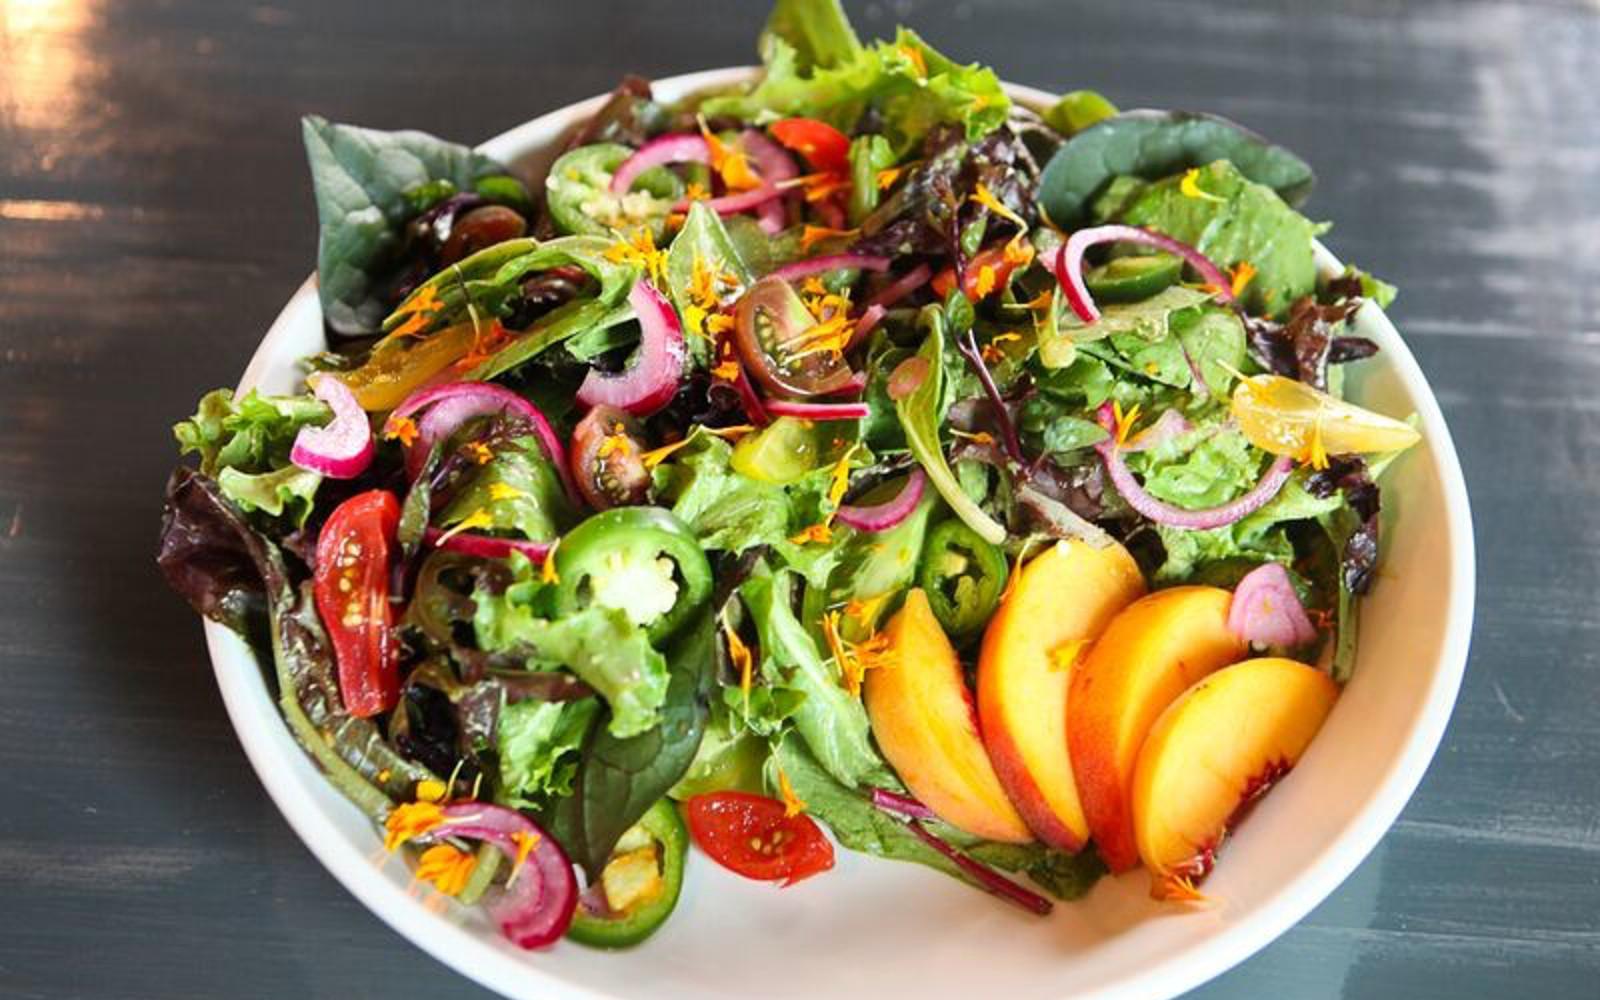 Vegan Salad with fruit